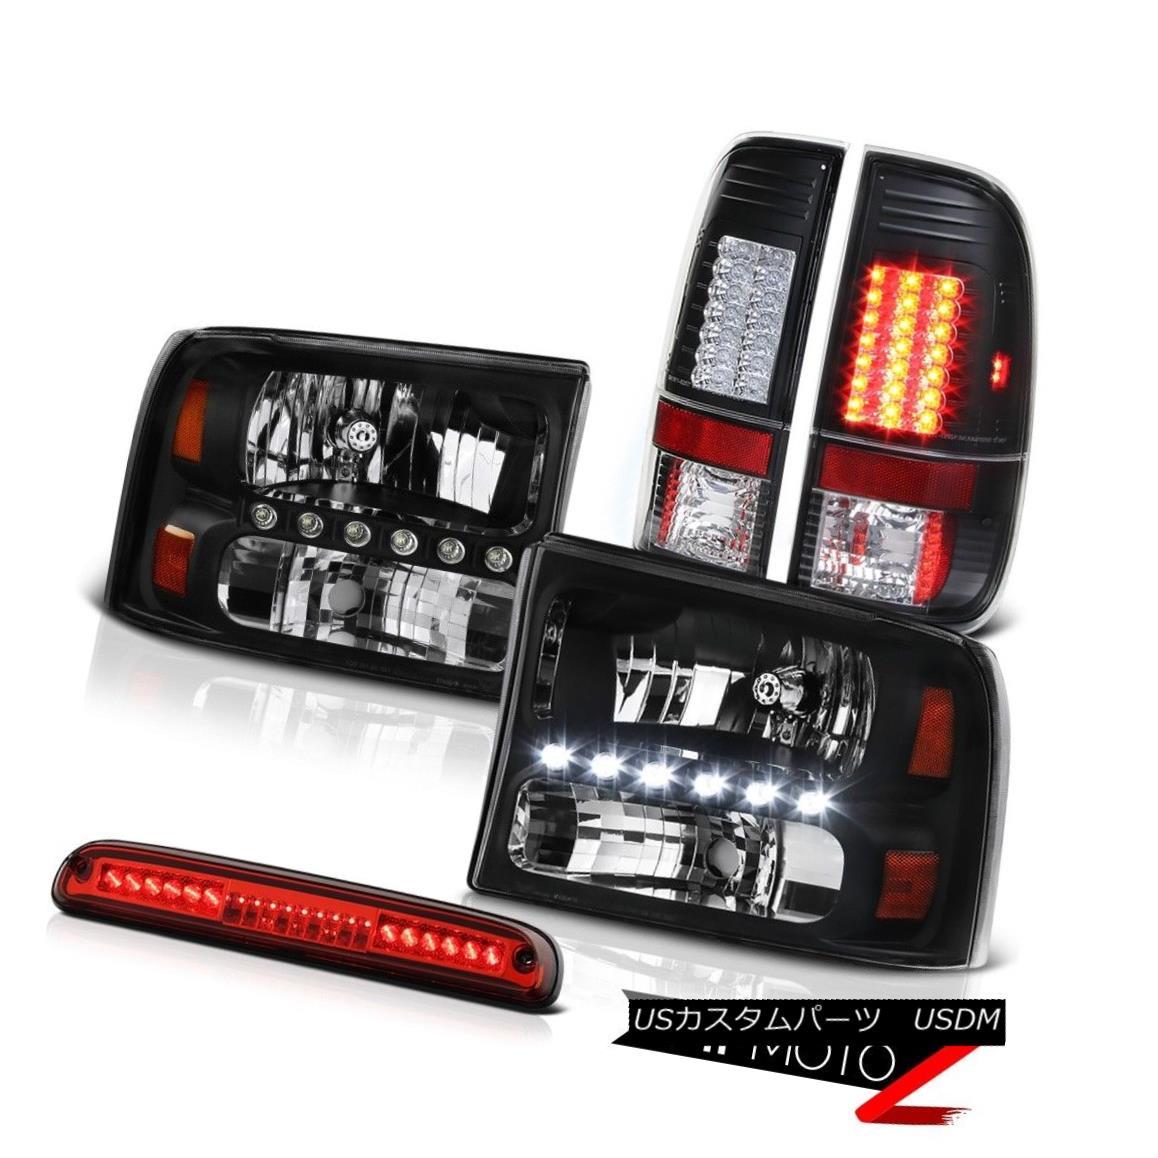 ヘッドライト L+R Black Headlight Tail Light Assembly LED Roof Brake Red 1999-2004 F250 Lariat L + RブラックヘッドライトテールライトアセンブリLED屋根ブレーキ赤1999-2004 F250 Lariat